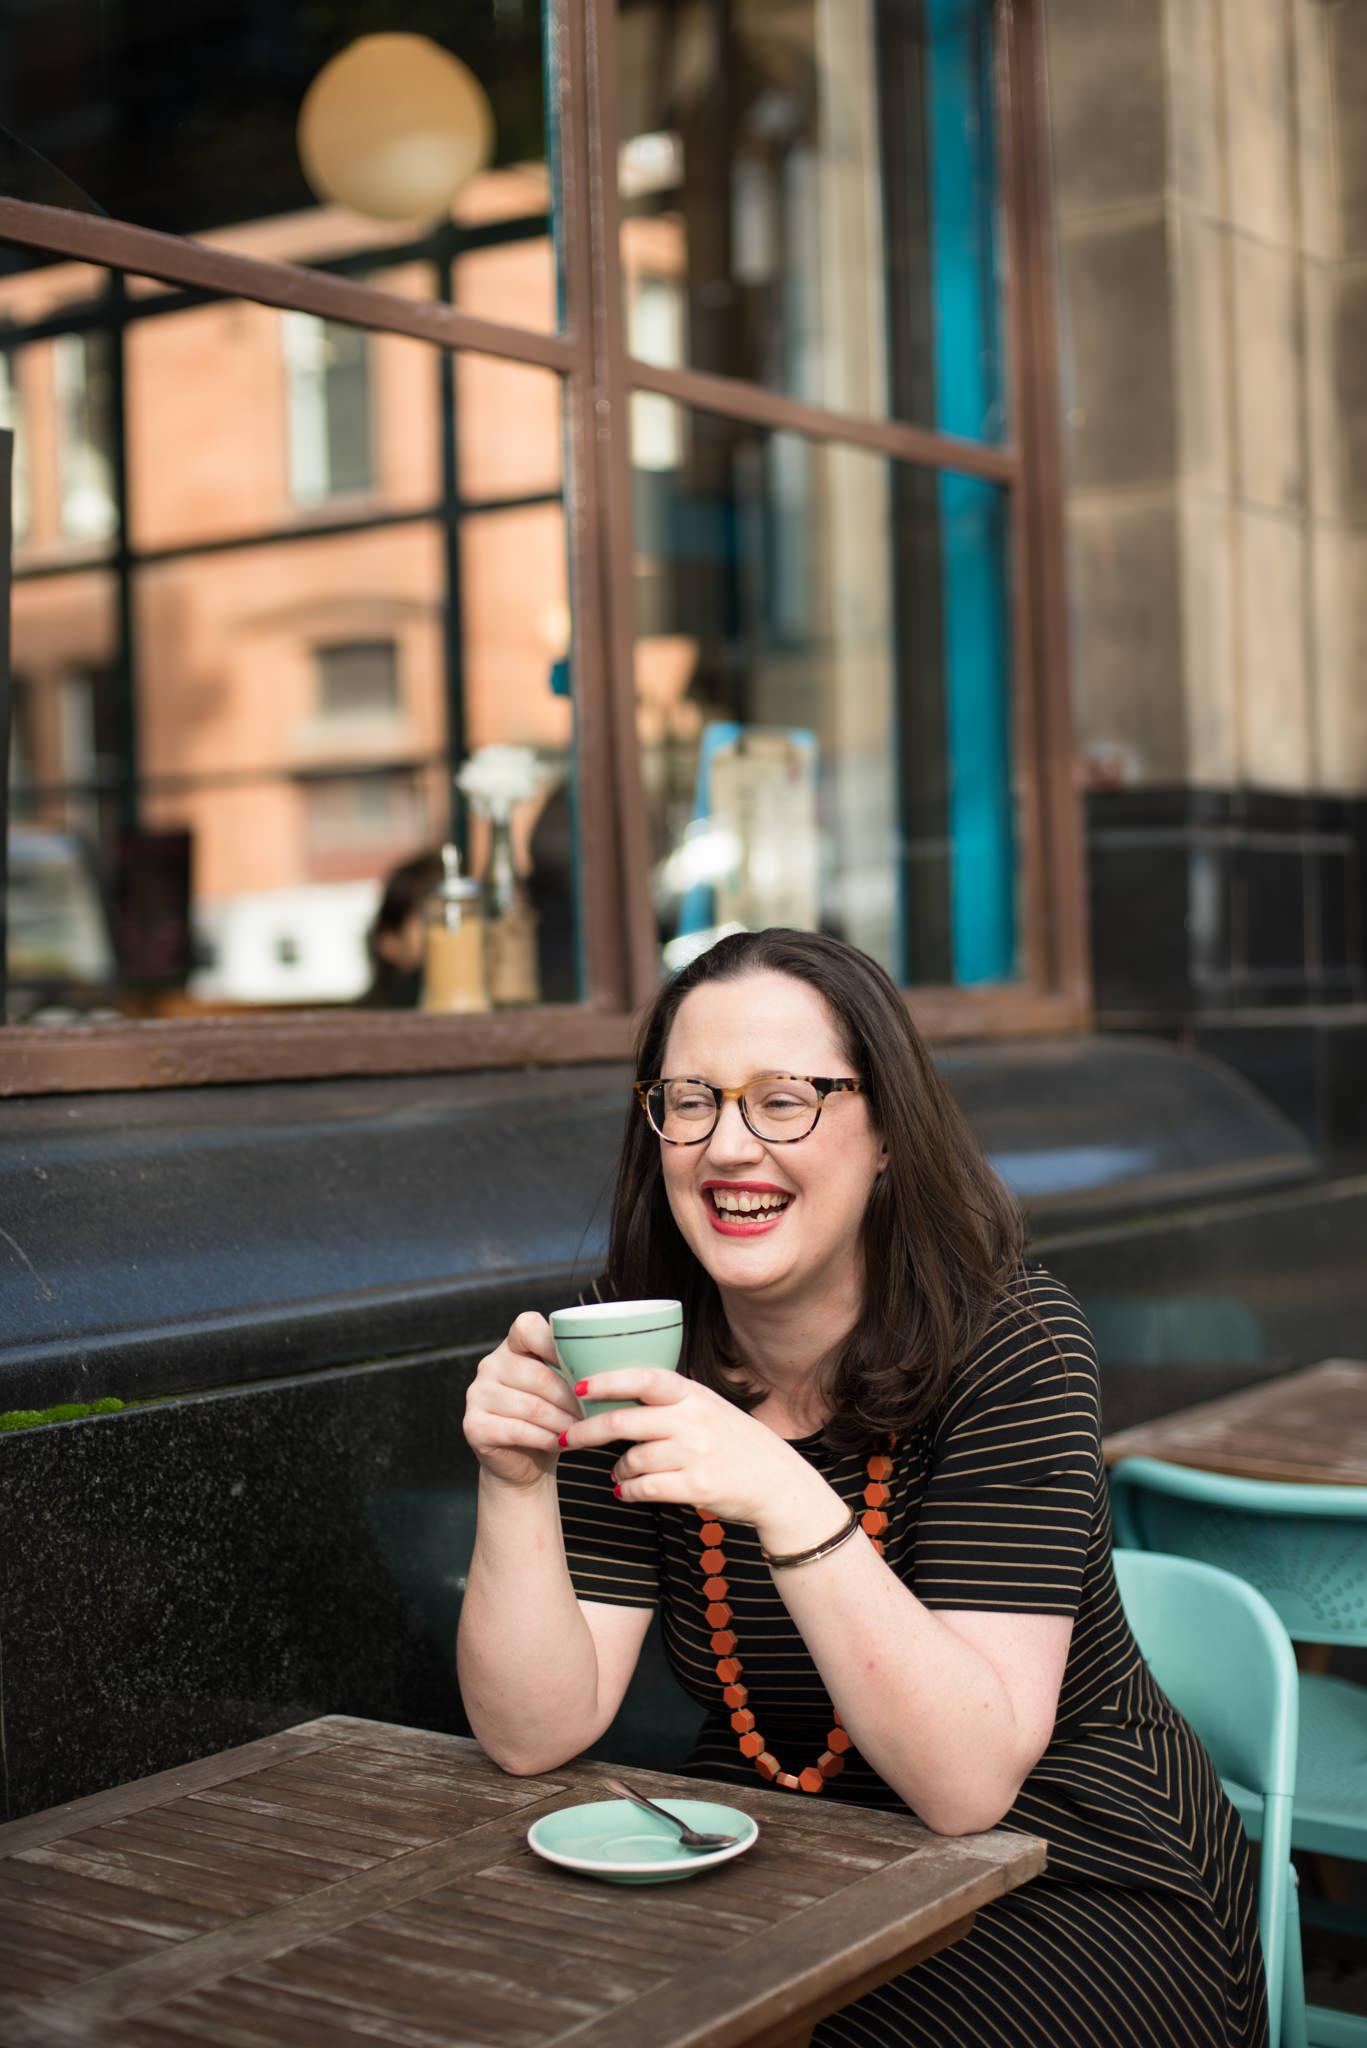 briony-cullin-digital-marketing-freelancer-glasgow